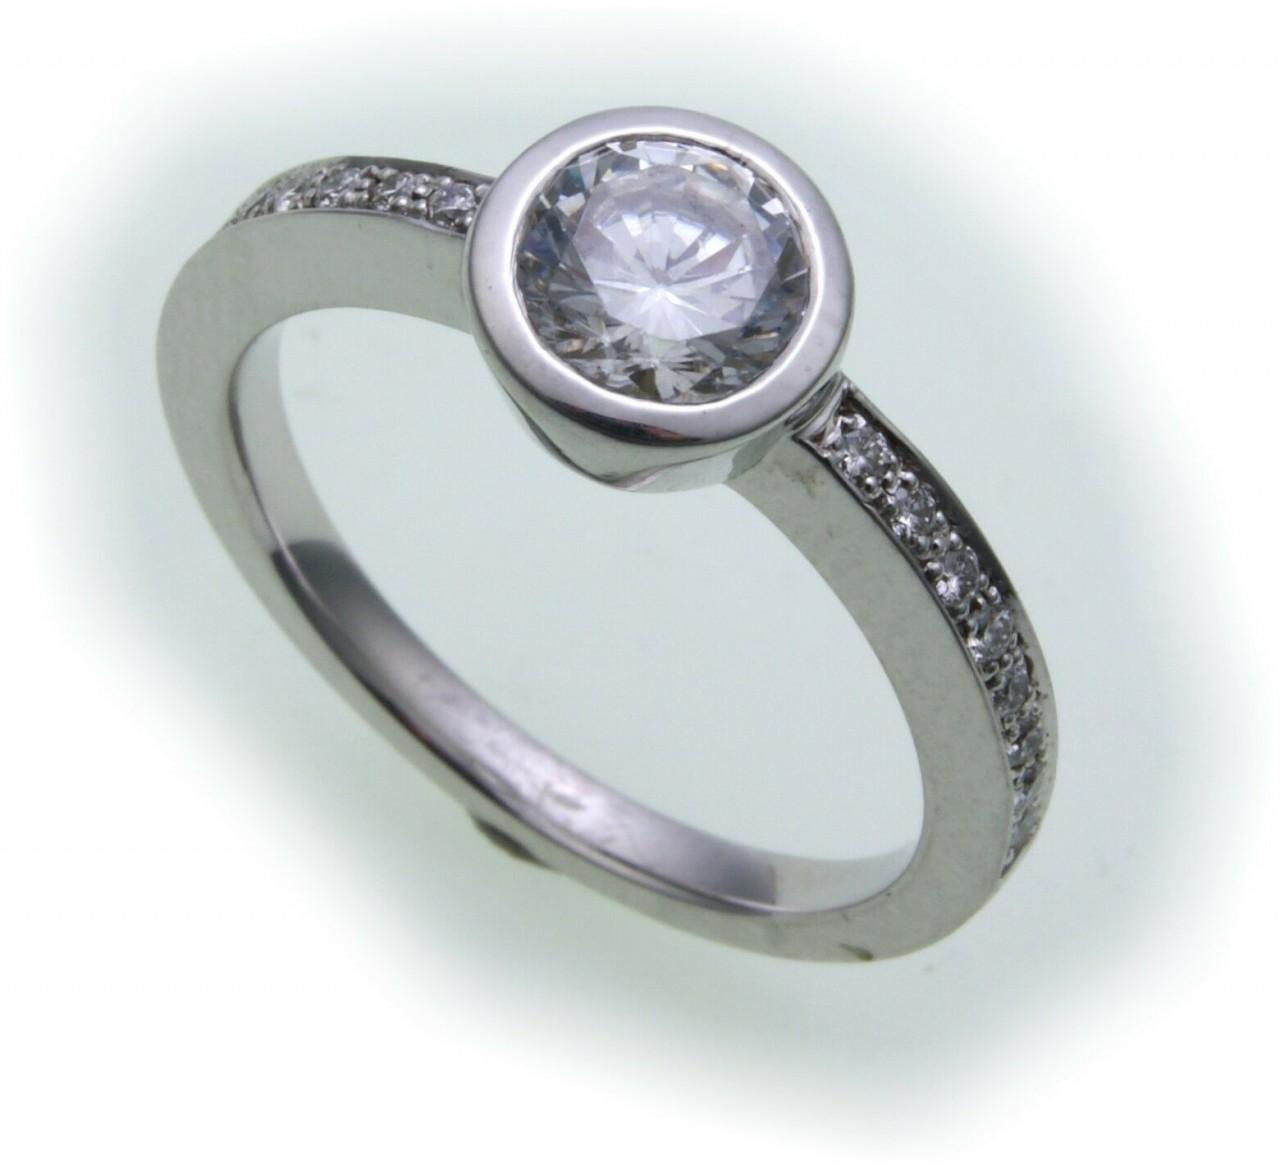 Damen Ring Brillant 1,16 c Diamant si echt Weißgold 750 18kt 1,0 ct Solitär Gold